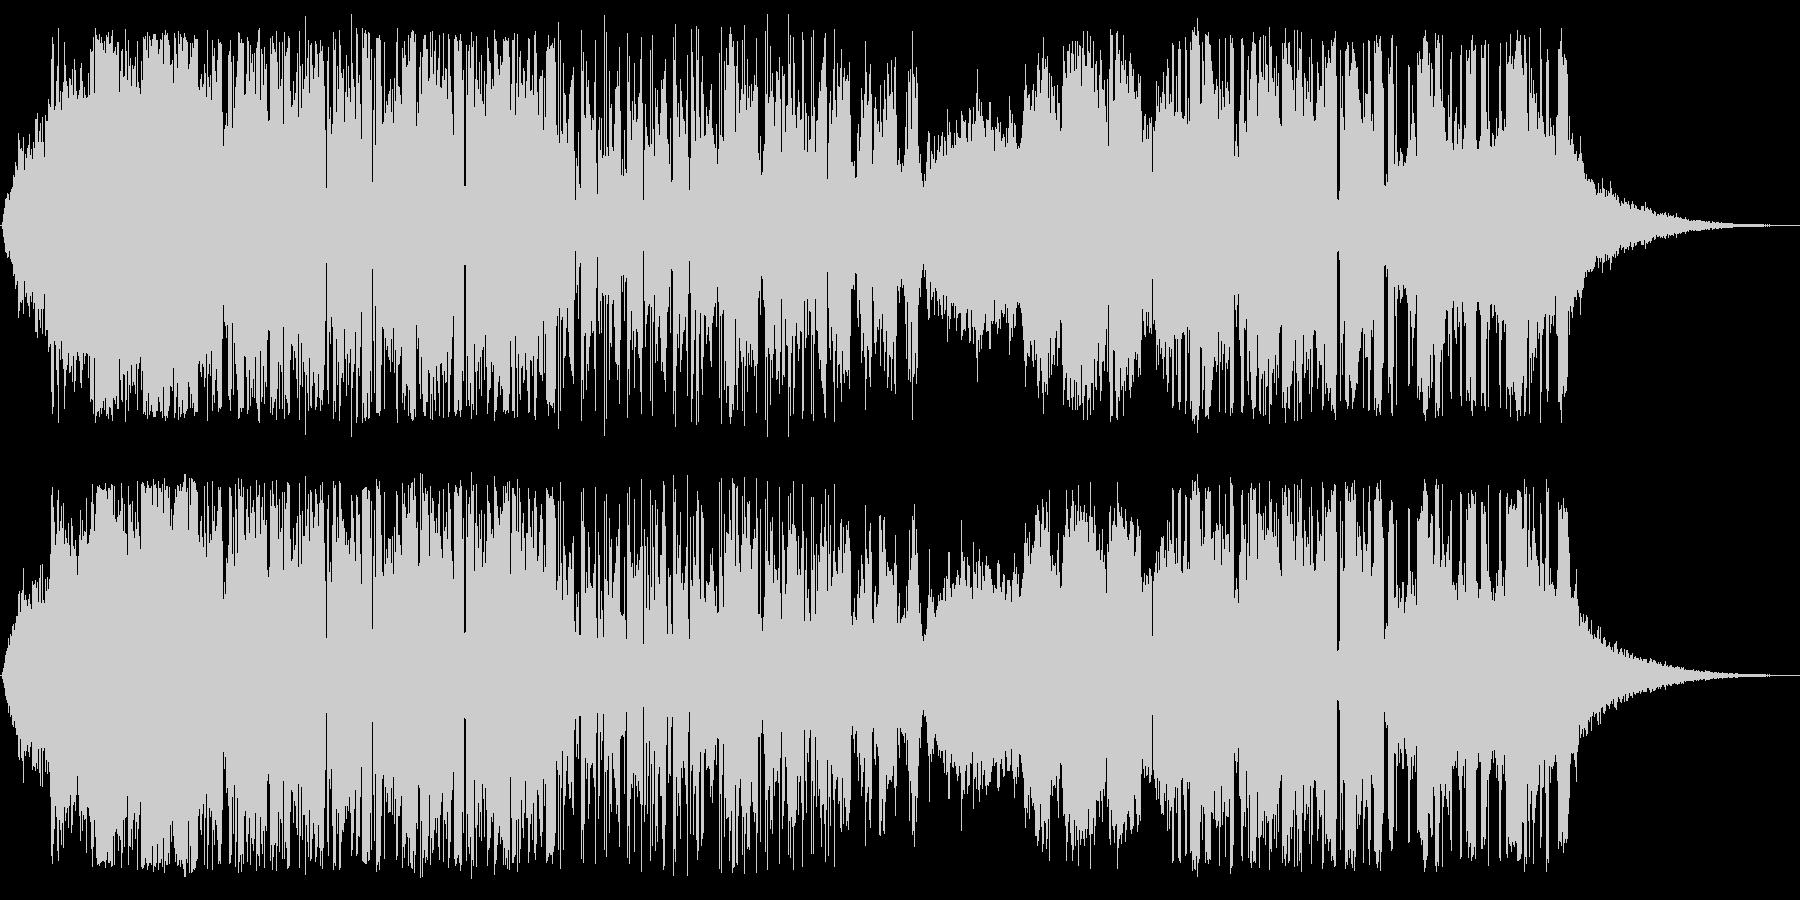 深く美しいエレクトロニカの未再生の波形